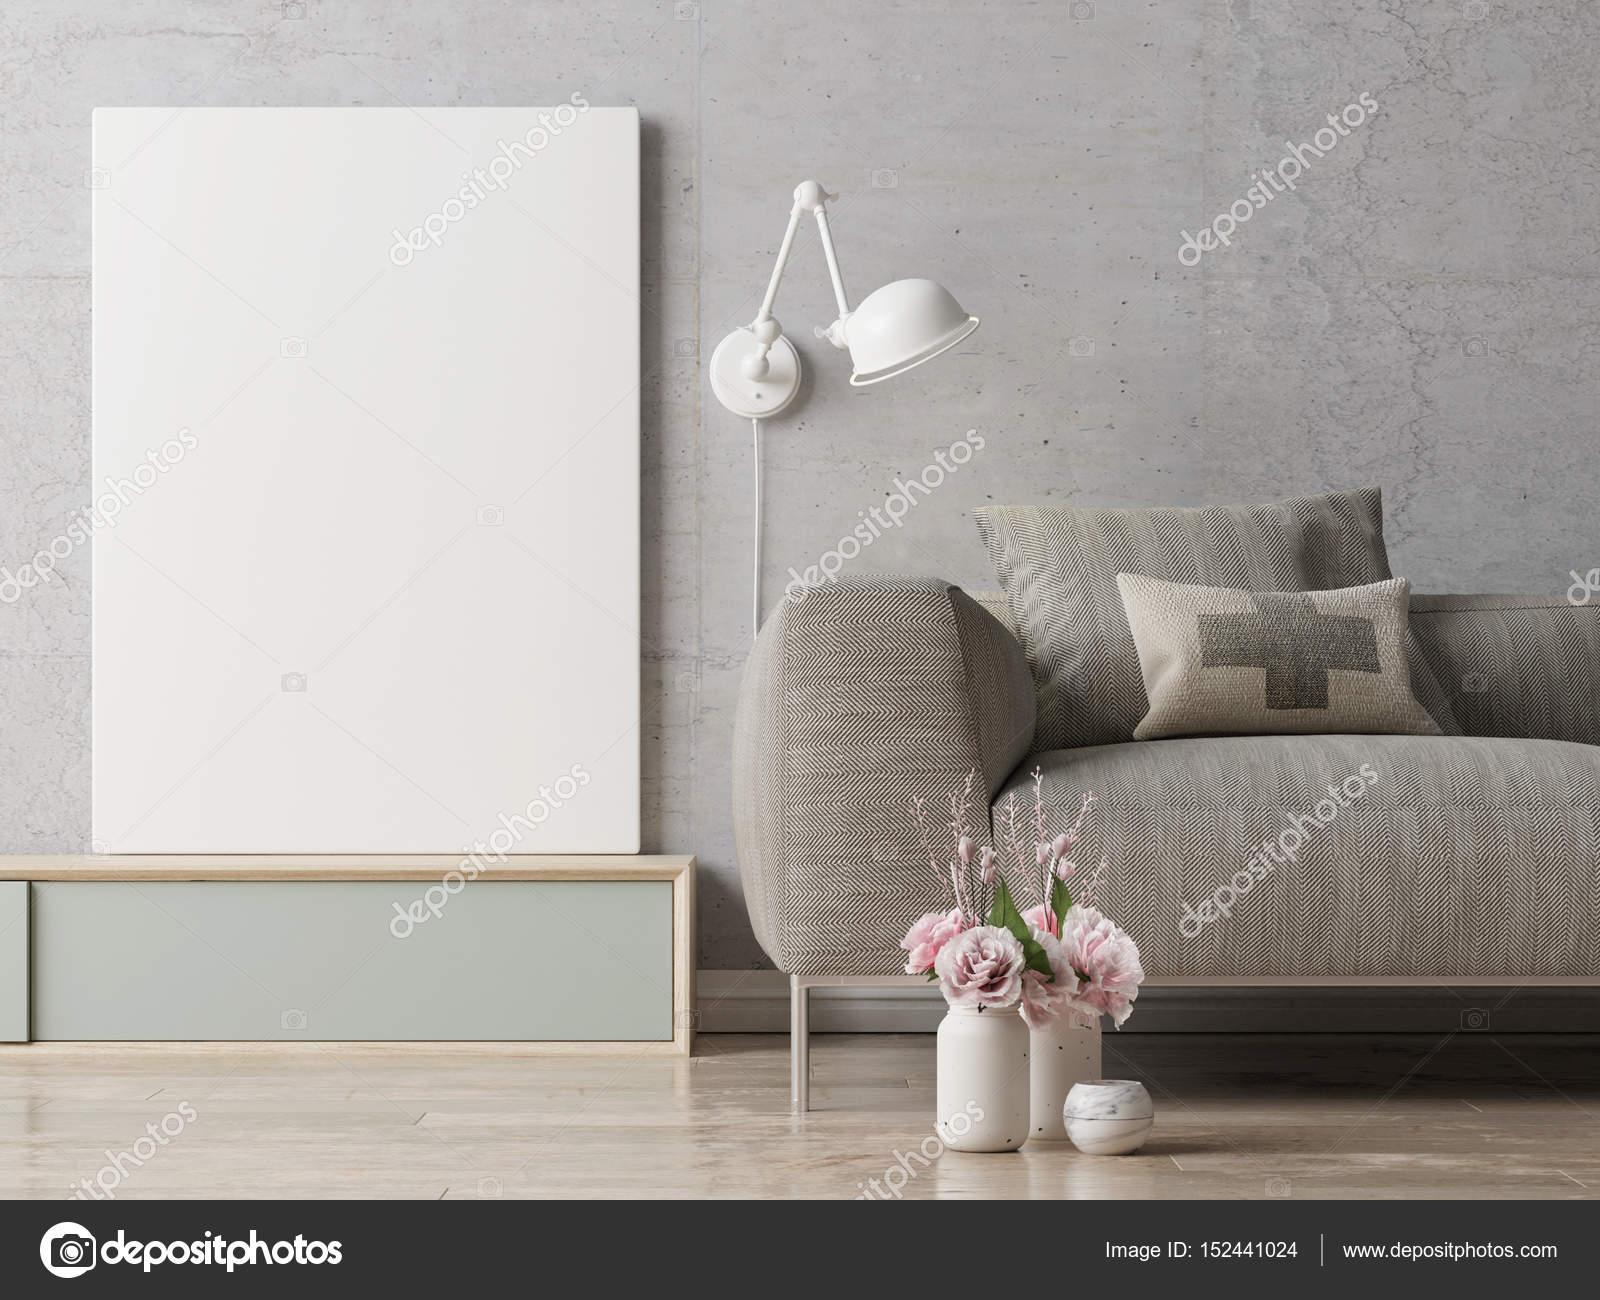 Plakat auf Hipster Wohnzimmer Hintergrund hautnah — Stockfoto ...